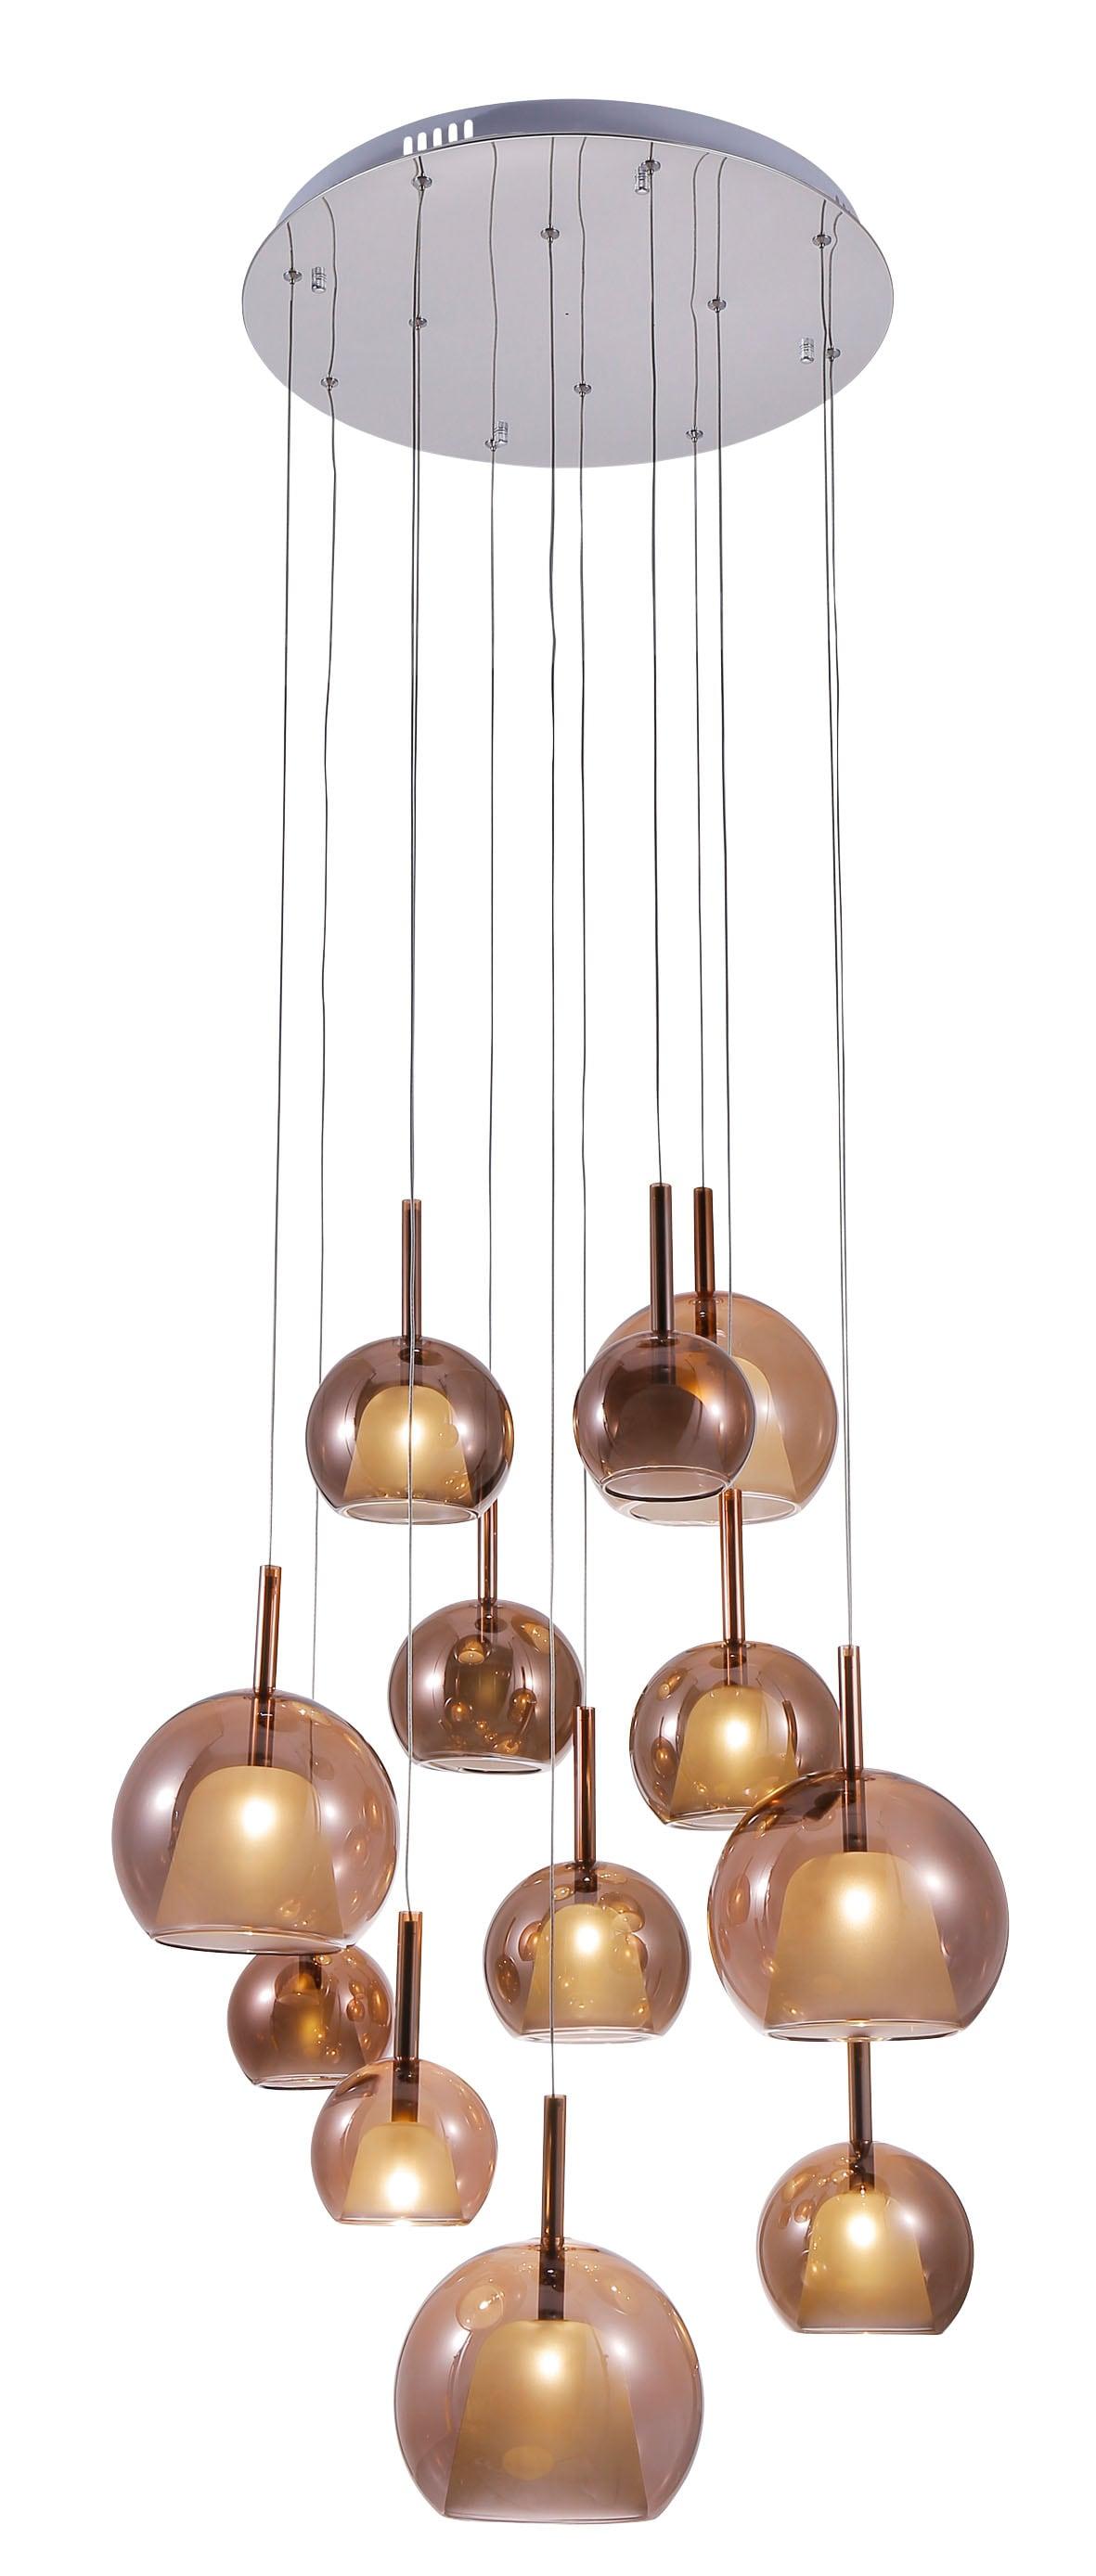 Twelve-point pendant lamp Bellezia chrome / copper G4 20W